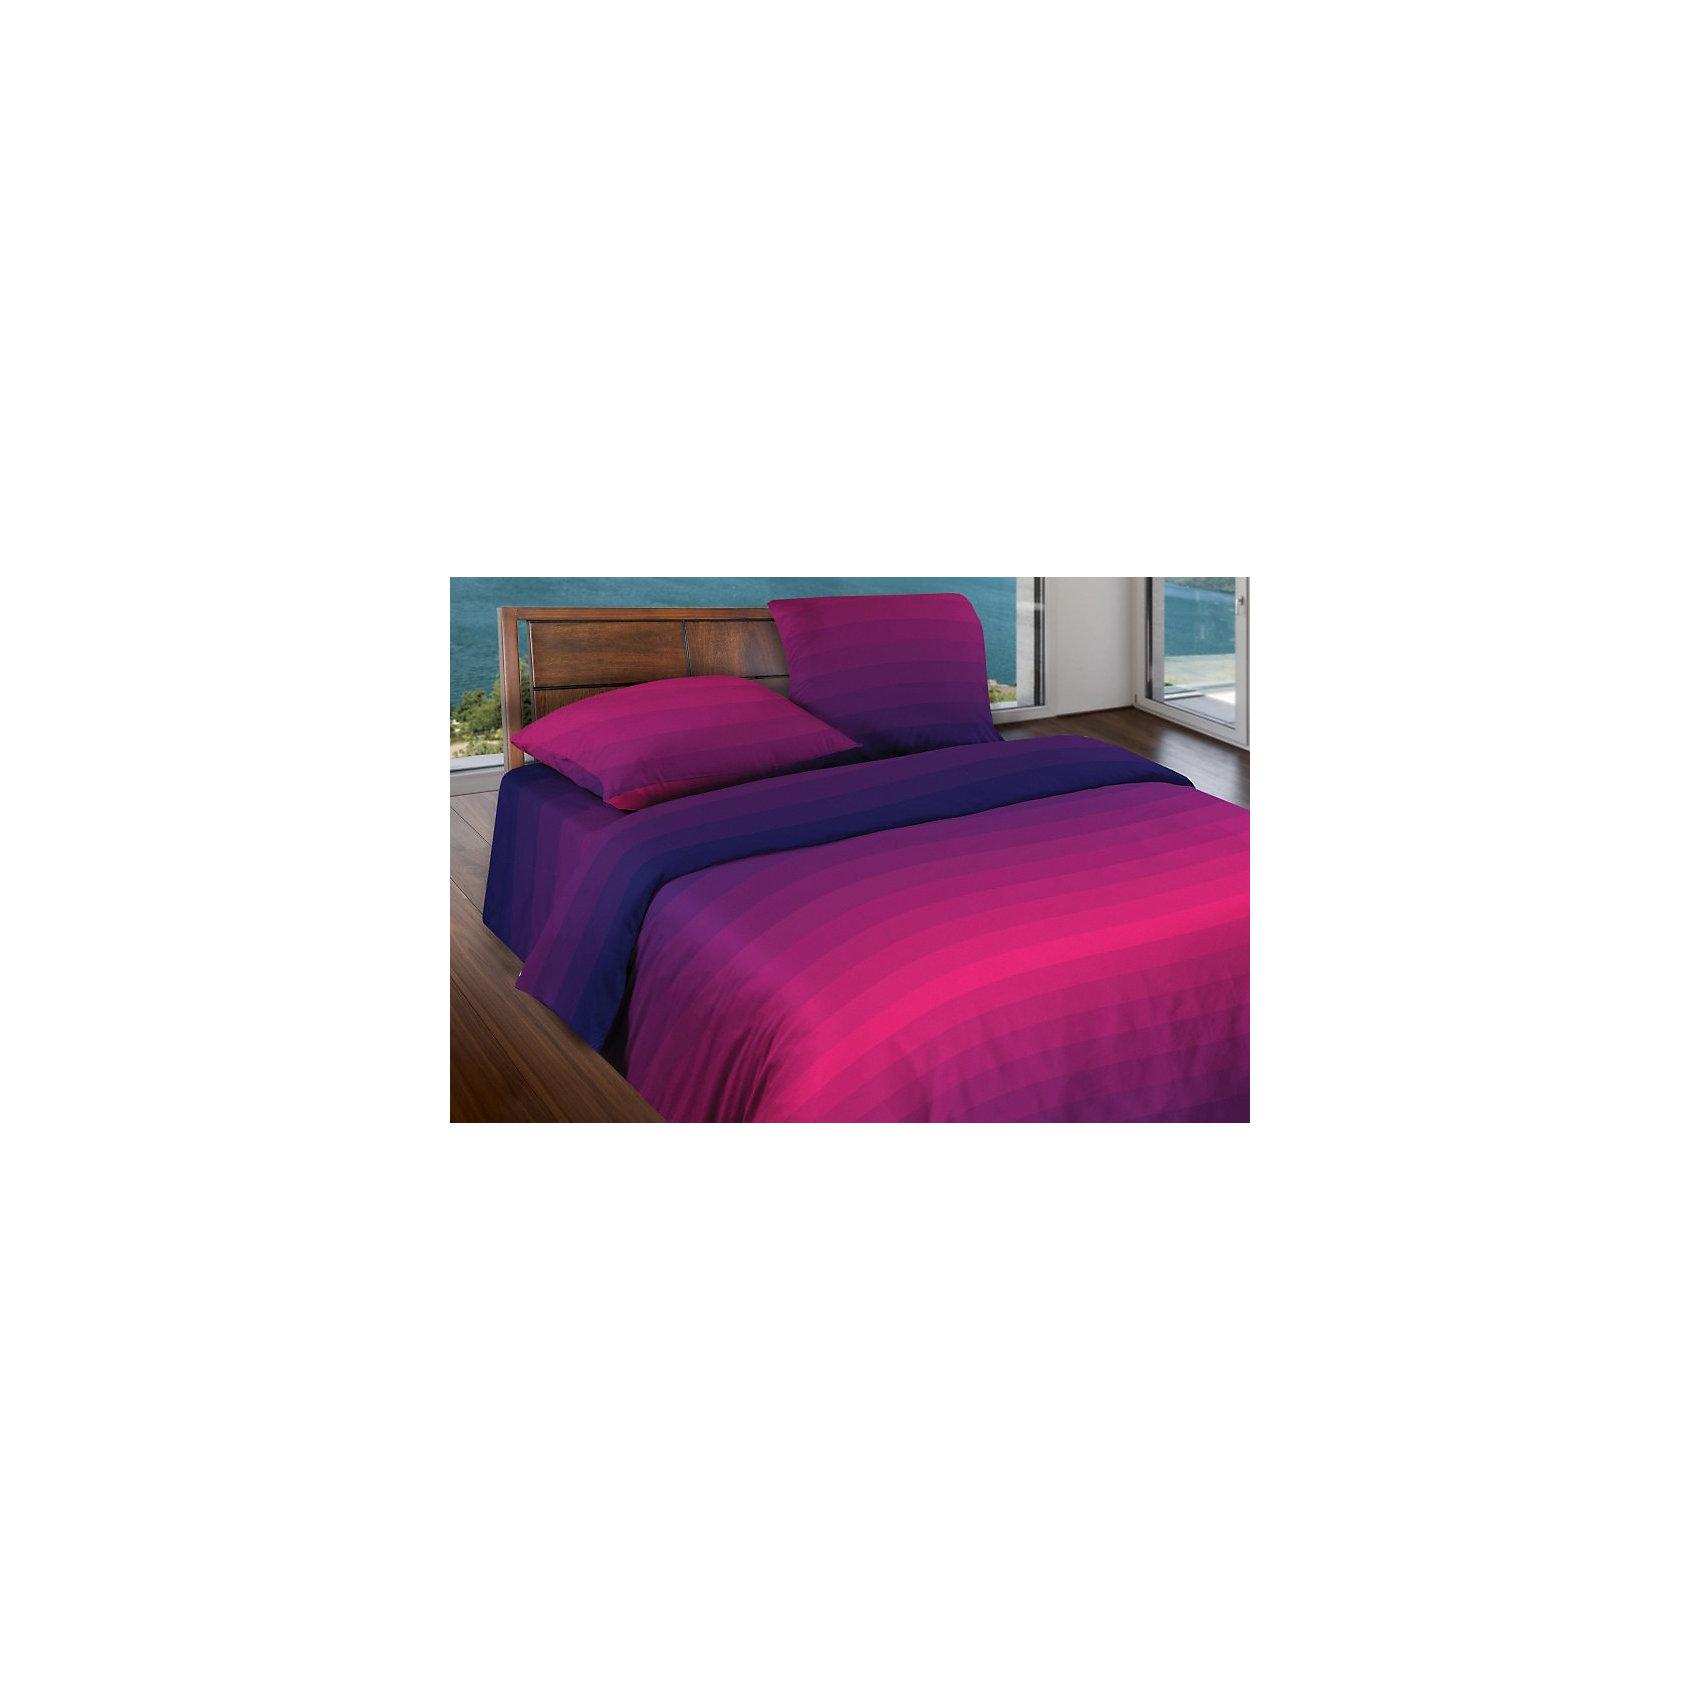 Постельное белье 1,5 сп. Flow Purple БИО Комфорт, Wenge MotionХарактеристики 1,5 спального комплекта постельного белья   Flow Purple  БИО Комфорт, Wenge Motion:<br><br>- производитель: Неотек<br>- материал: бязь<br>- состав: 100% хлопок<br>- размер комплекта: полутораспальный<br>- размер пододеяльника: 215*145 см.<br>- размер простыни: 220*150 см.<br>- размер наволочек: 70*70 (2 шт)<br>- упаковка комплекта: книжка пвх<br>- страна бренда: Россия<br>- страна производитель: Россия<br><br>Комплект постельного белья  Flow Purple серии Wenge Motion создано для современного, делового и активного человека.   Дизайн постельного белья будет  по нраву тем, кто ценит комфортную обстановку дома. Комплект Flow Purple  Wenge Motion произведен  из натурального 100% хлопка, что делает его износостойким, крепким и при этом приятным на ощупь. Постельное белье выполнено из биологически чистой и натуральной ткани БИОкомфорт. Ткань изготовлена из 100% хлопка, обладает прекрасными качественными характеристиками. Постельное белье  Flow Purple серии Wenge Motion подарит Вам приятные ощущения во время отдыха. Рисунок изделия выполнен в современном стиле. Сдержанный и лаконичный дизайн  подчеркнет Вашу индивидуальность и станет великолепным элементом интерьера. <br><br>Комплекта постельного белья   Flow Purple  серии Wenge Motion можно купить в нашем интернет-магазине.<br><br>Ширина мм: 370<br>Глубина мм: 70<br>Высота мм: 370<br>Вес г: 1400<br>Возраст от месяцев: 36<br>Возраст до месяцев: 216<br>Пол: Унисекс<br>Возраст: Детский<br>SKU: 5100112